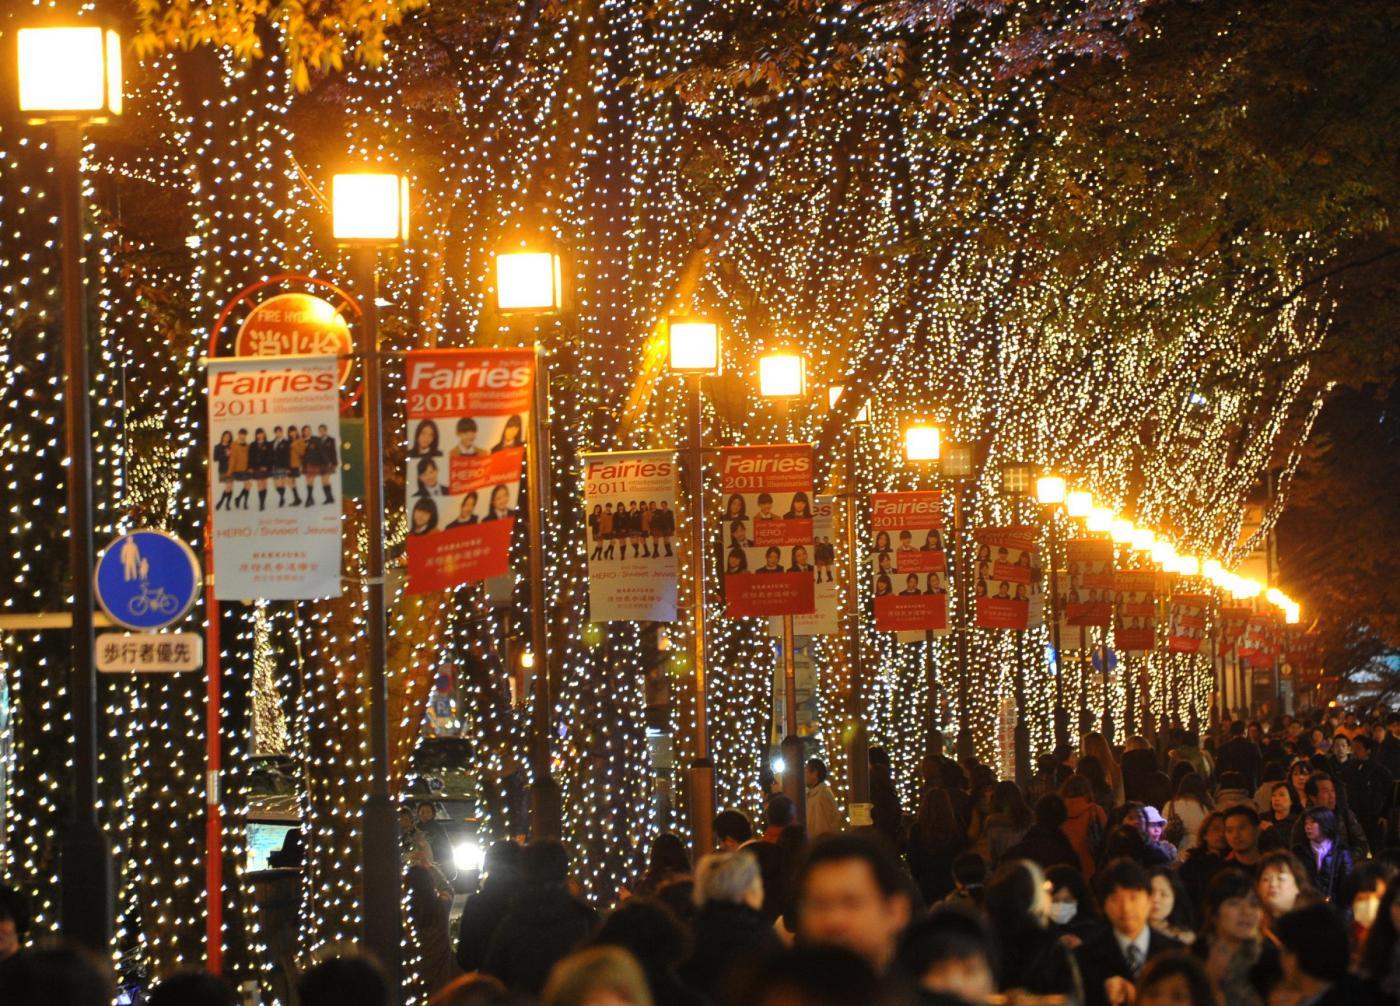 Accensione delle luci di Natale